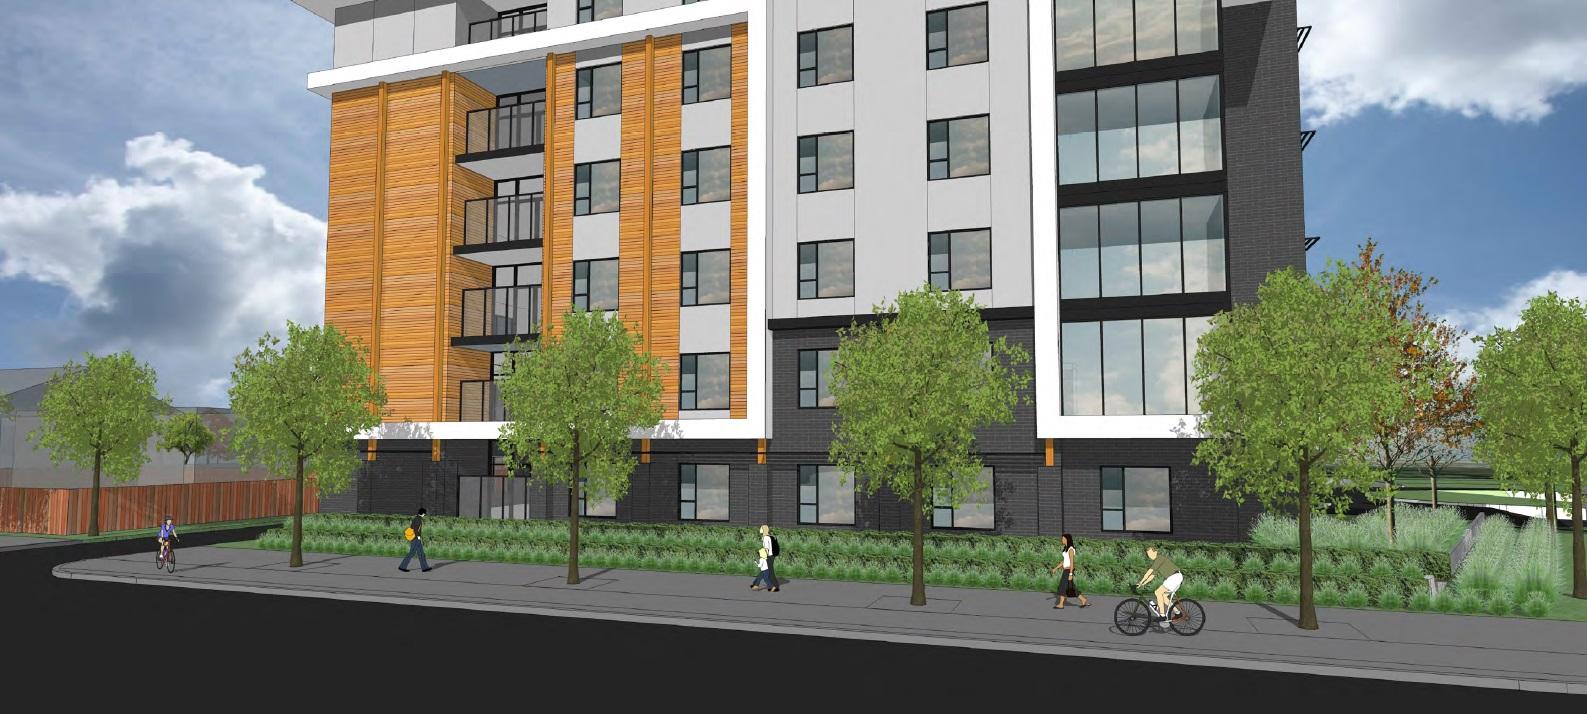 1502 1546 oxford street creekstone care centre for Stone creek development